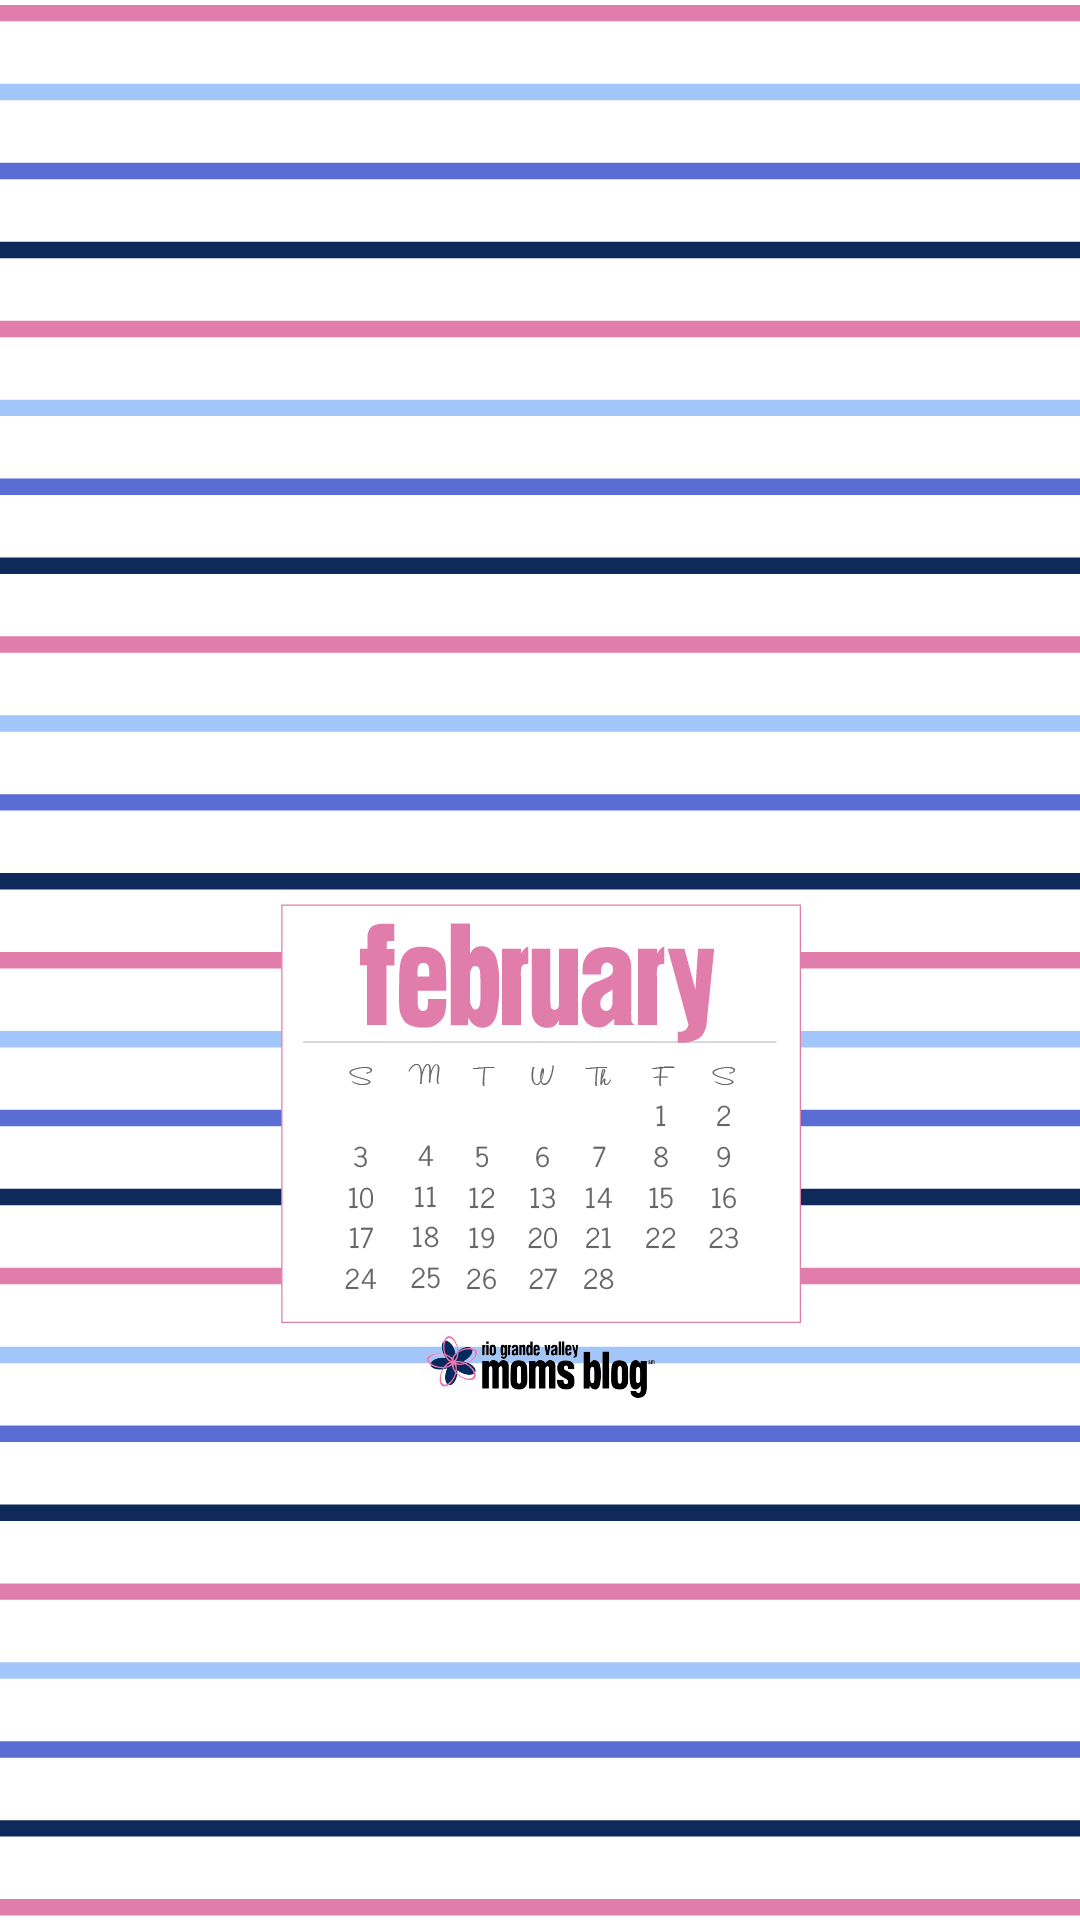 February 2019 - Calendar - Stripes